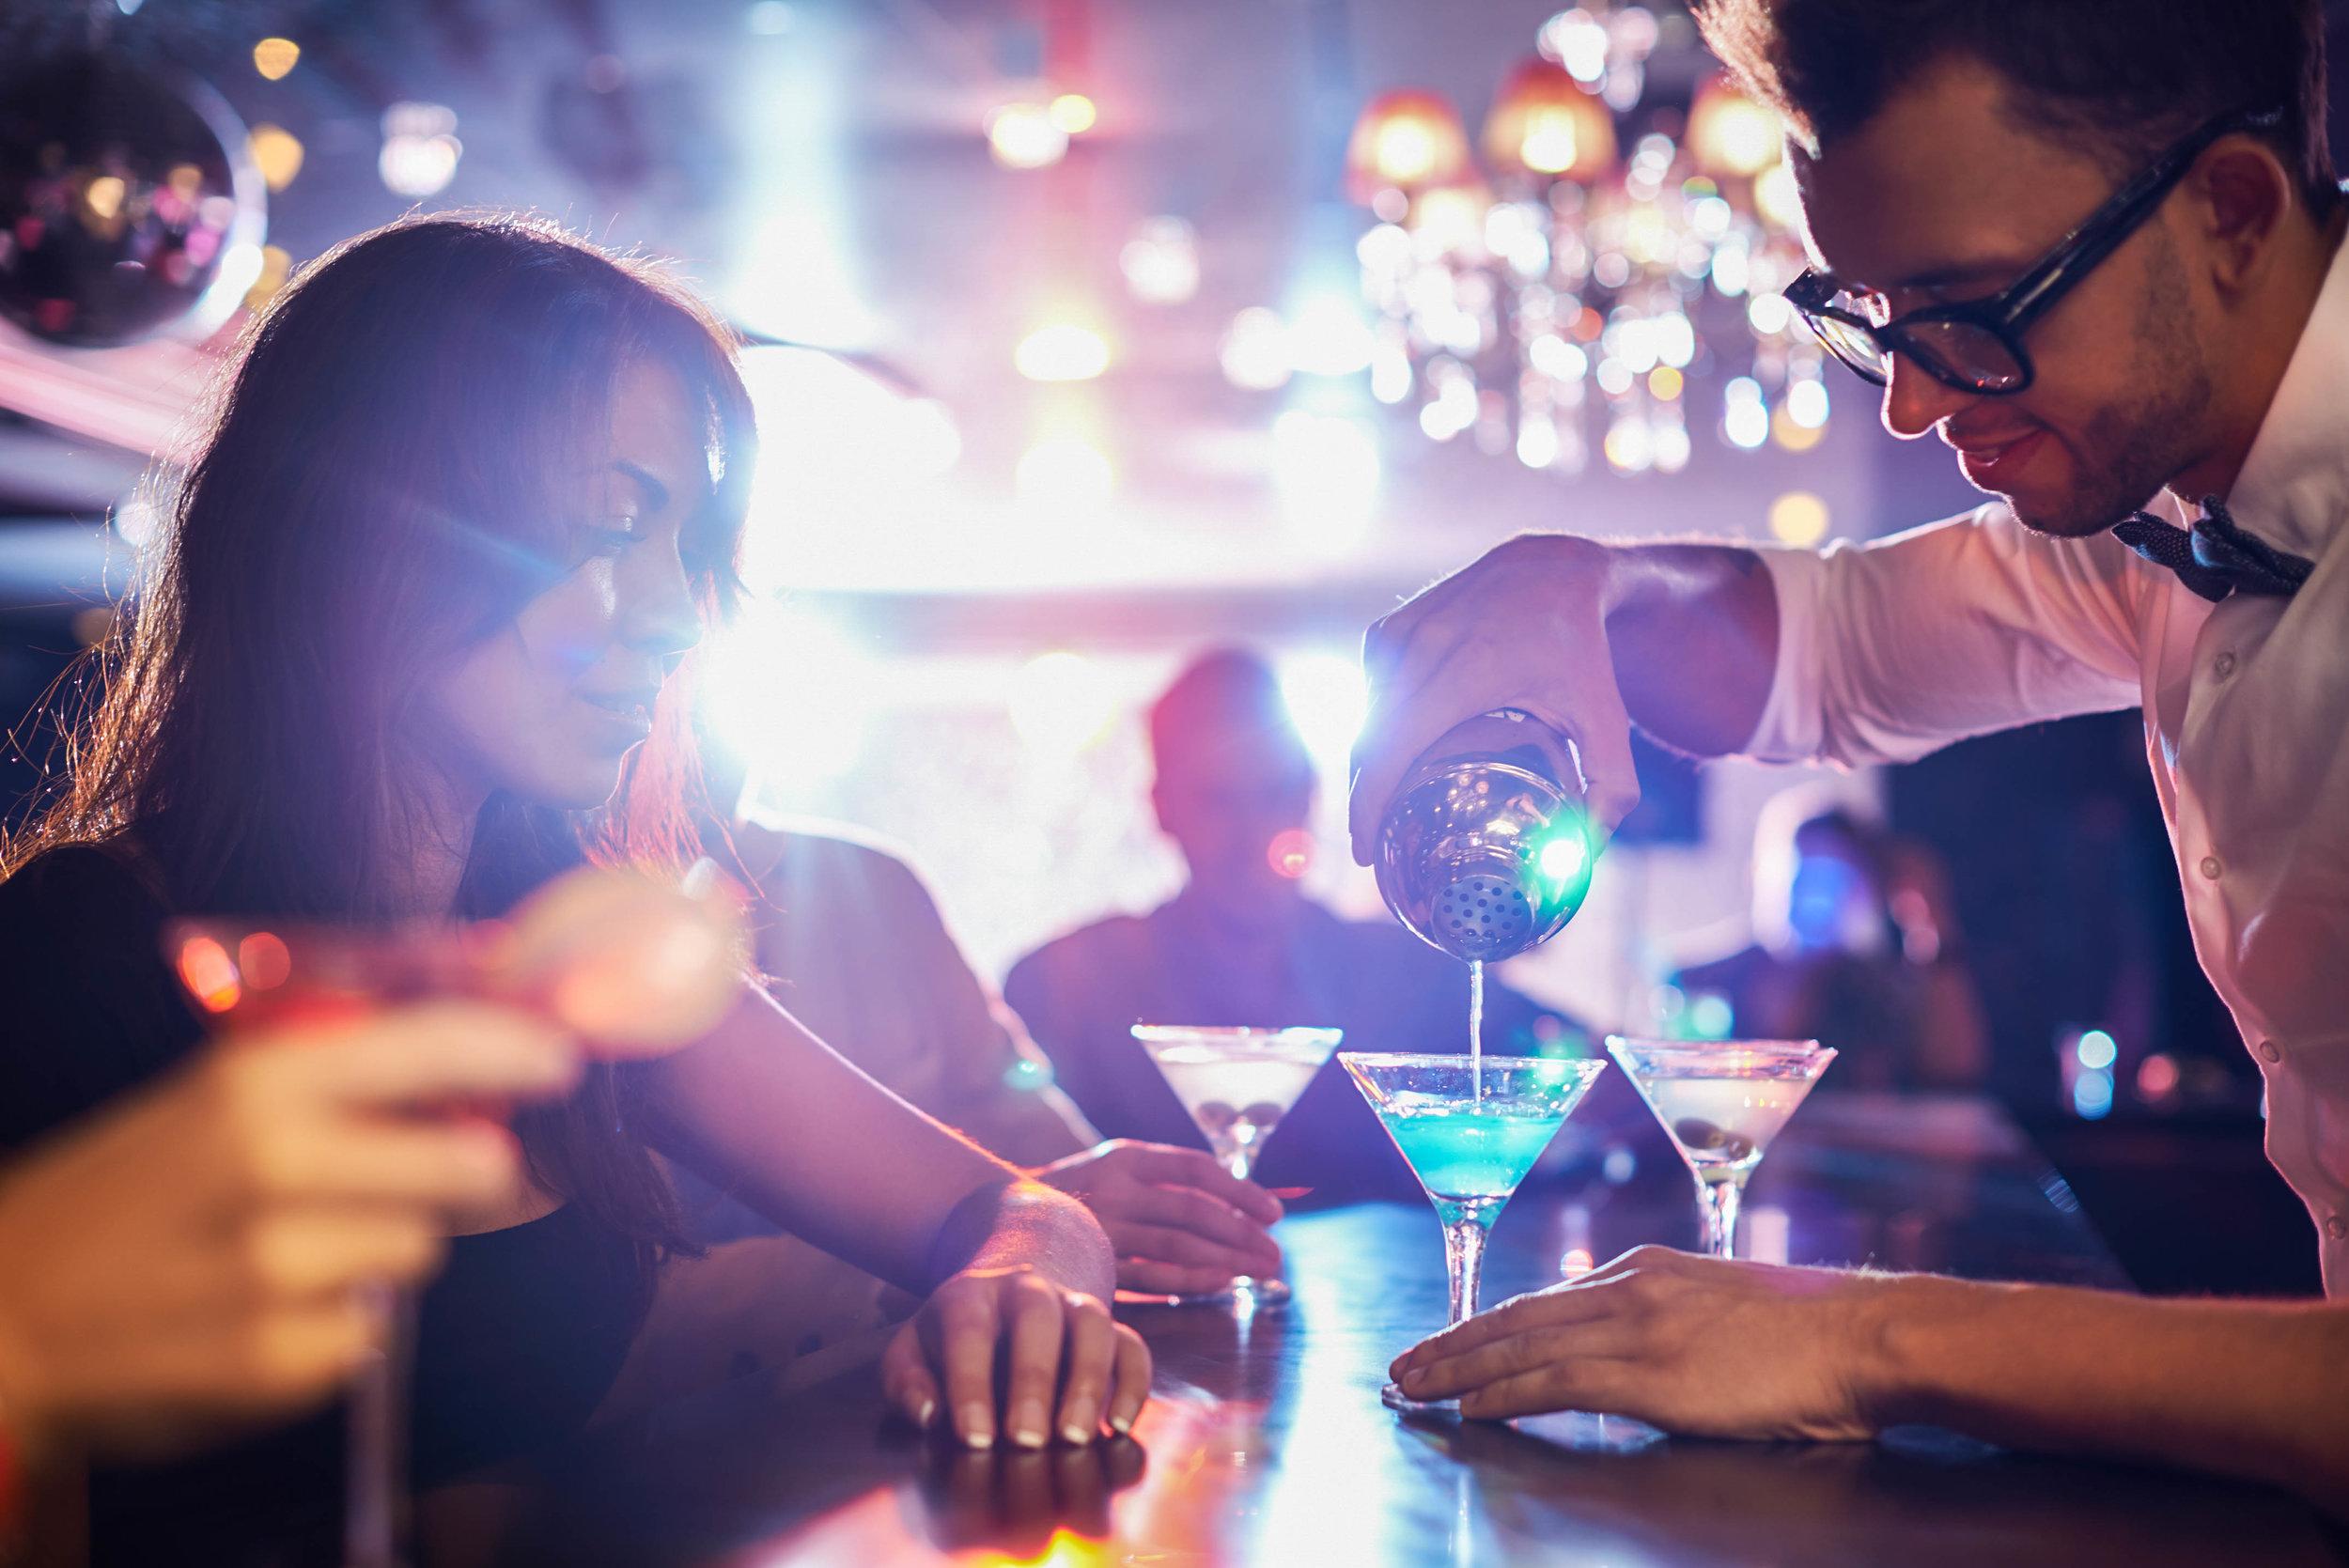 Eingießen-einen-cocktail-iStock_79808751_XLARGE-2.jpg